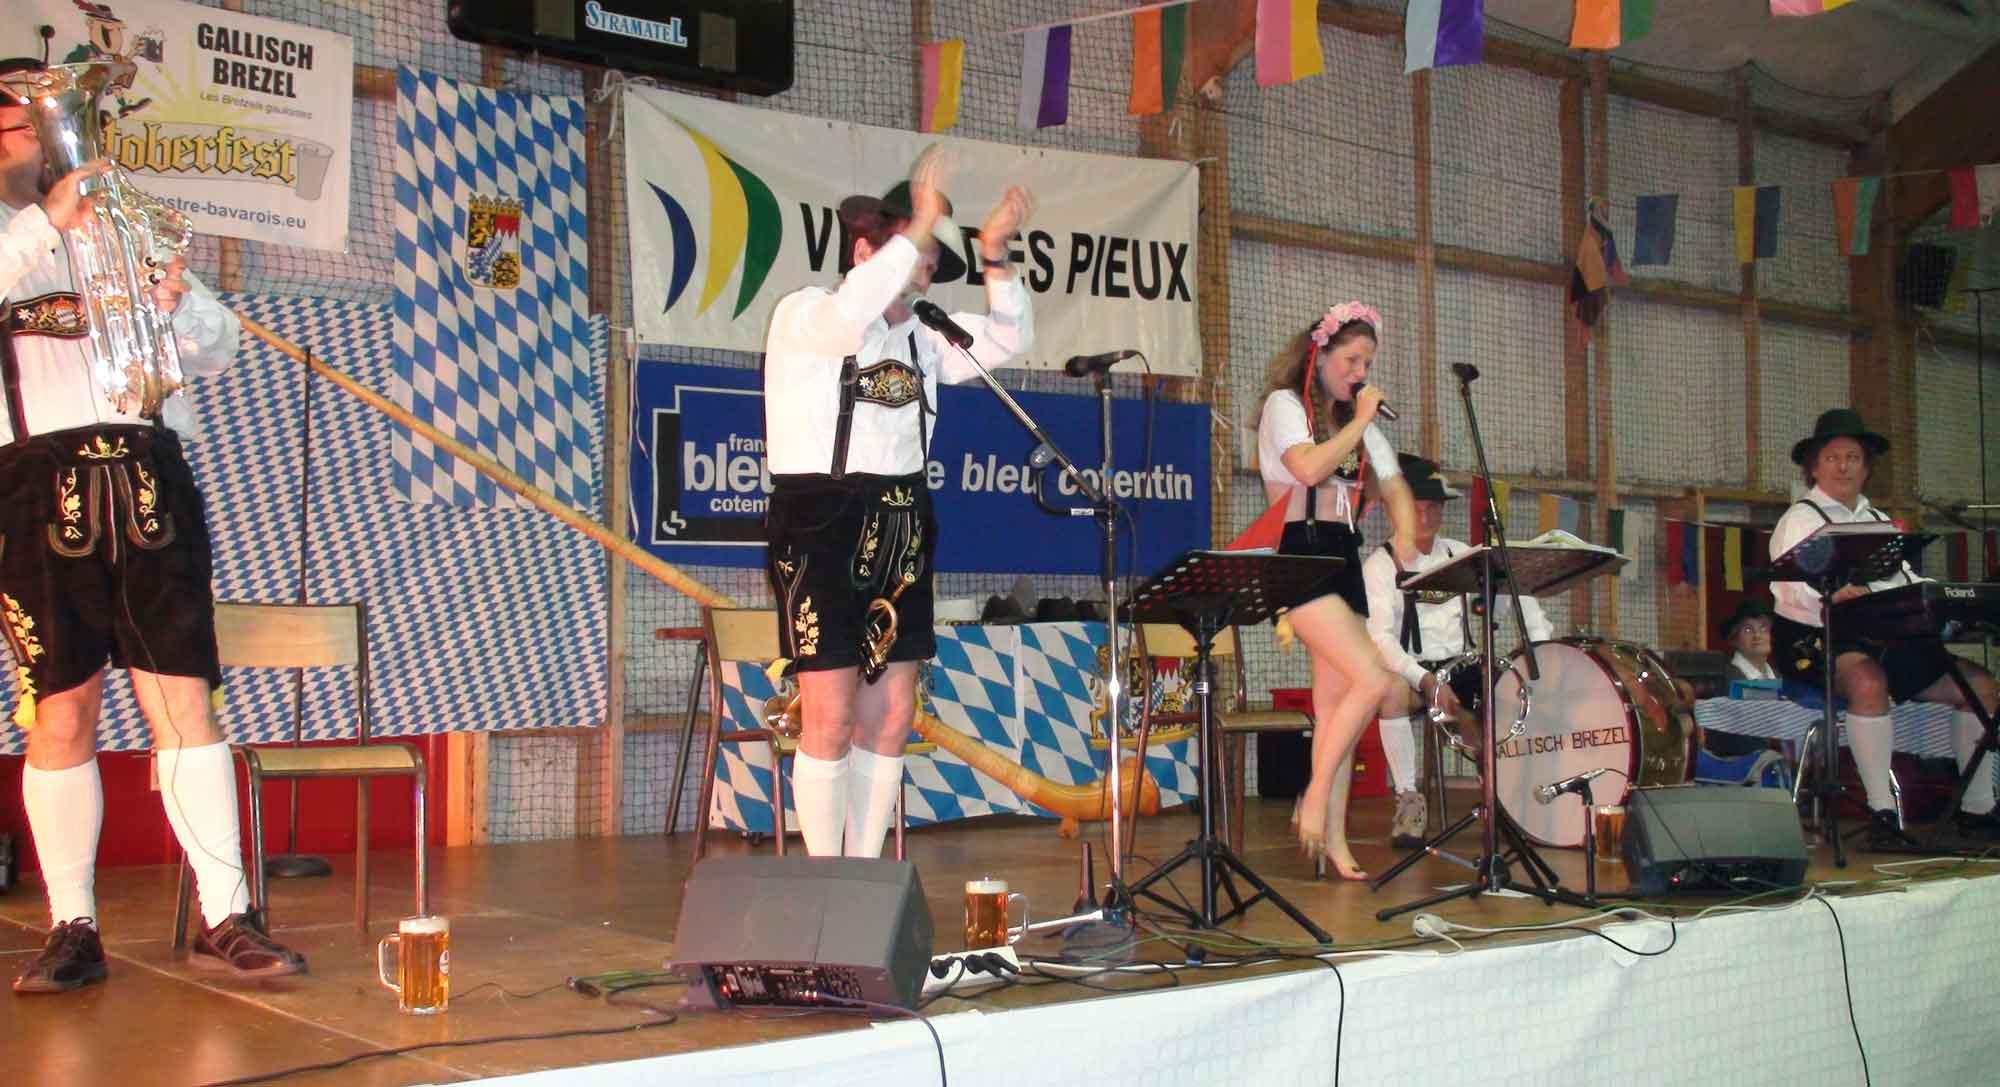 Les Pieux 50 (2009)-soirée bavaroise 9